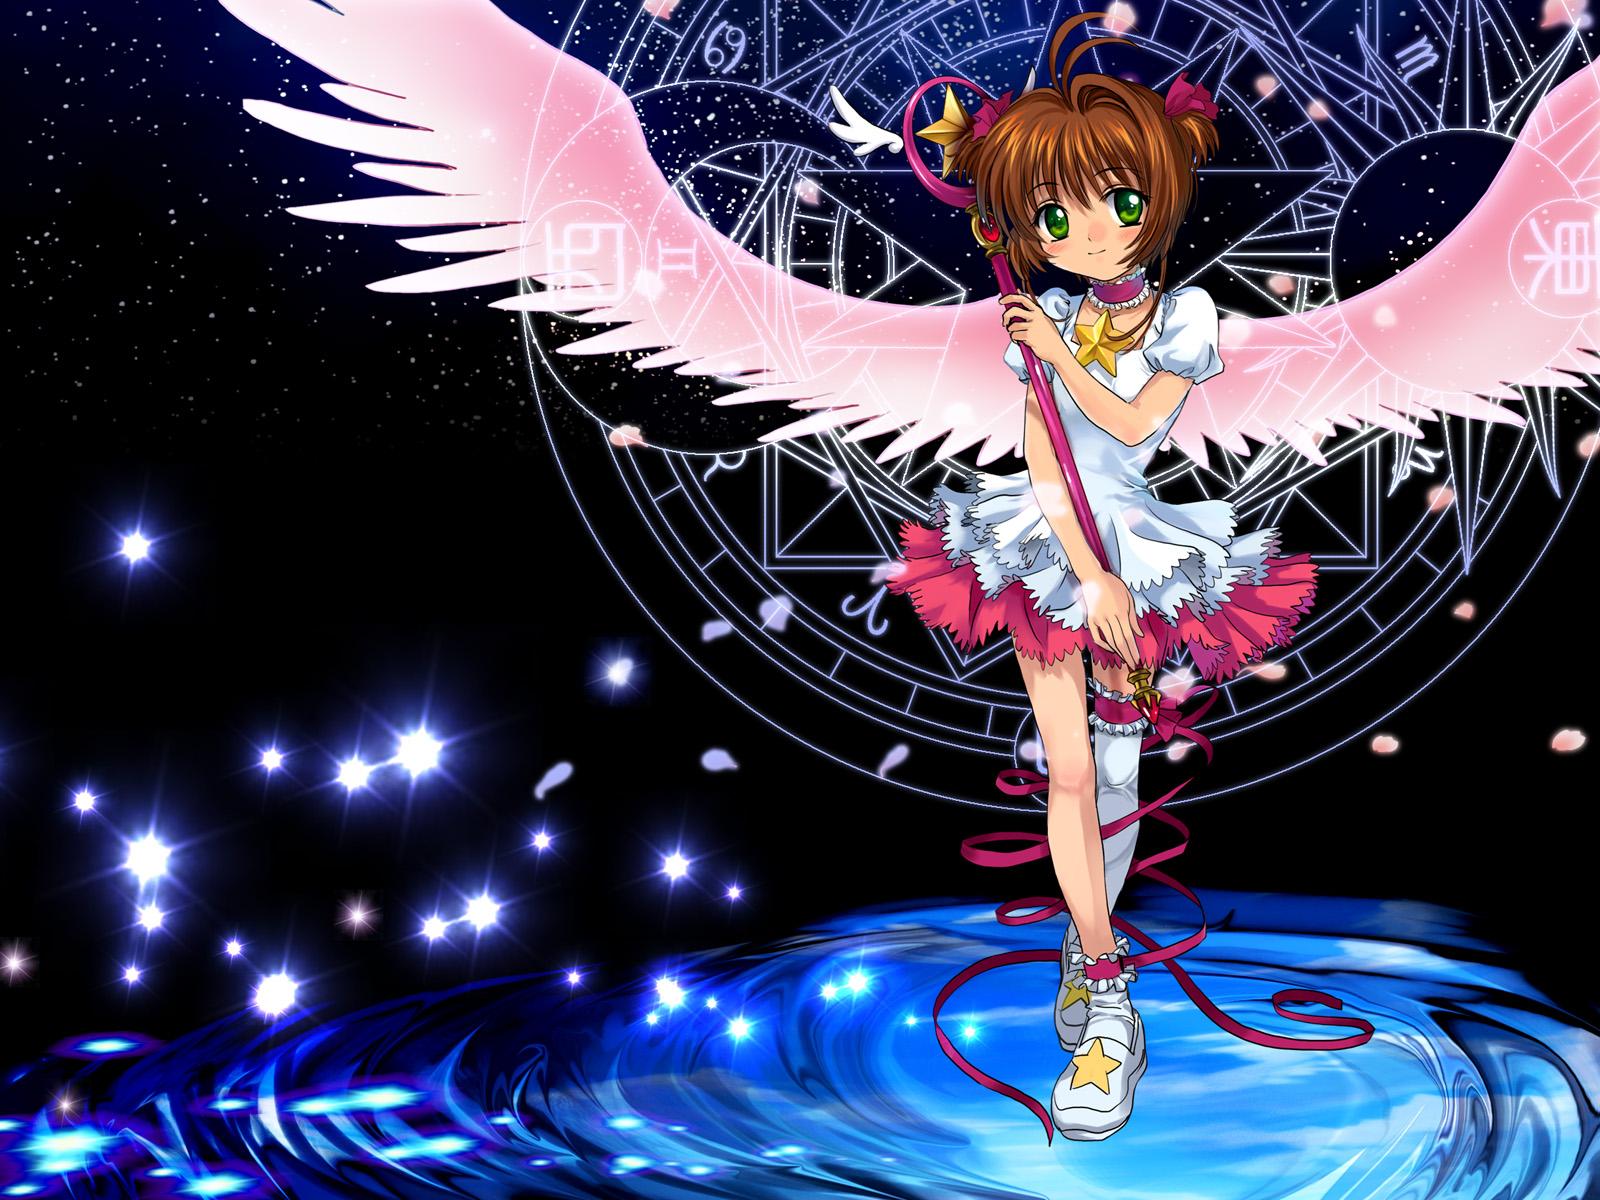 http://2.bp.blogspot.com/-8BQSzR8DgVQ/UHGV_Xg-3MI/AAAAAAAADjg/09Em0-SI8kY/s1600/Konachan.com%20-%2044481%20card_captor_sakura%20kinomoto_sakura%20moonknives%20ribbons.jpg